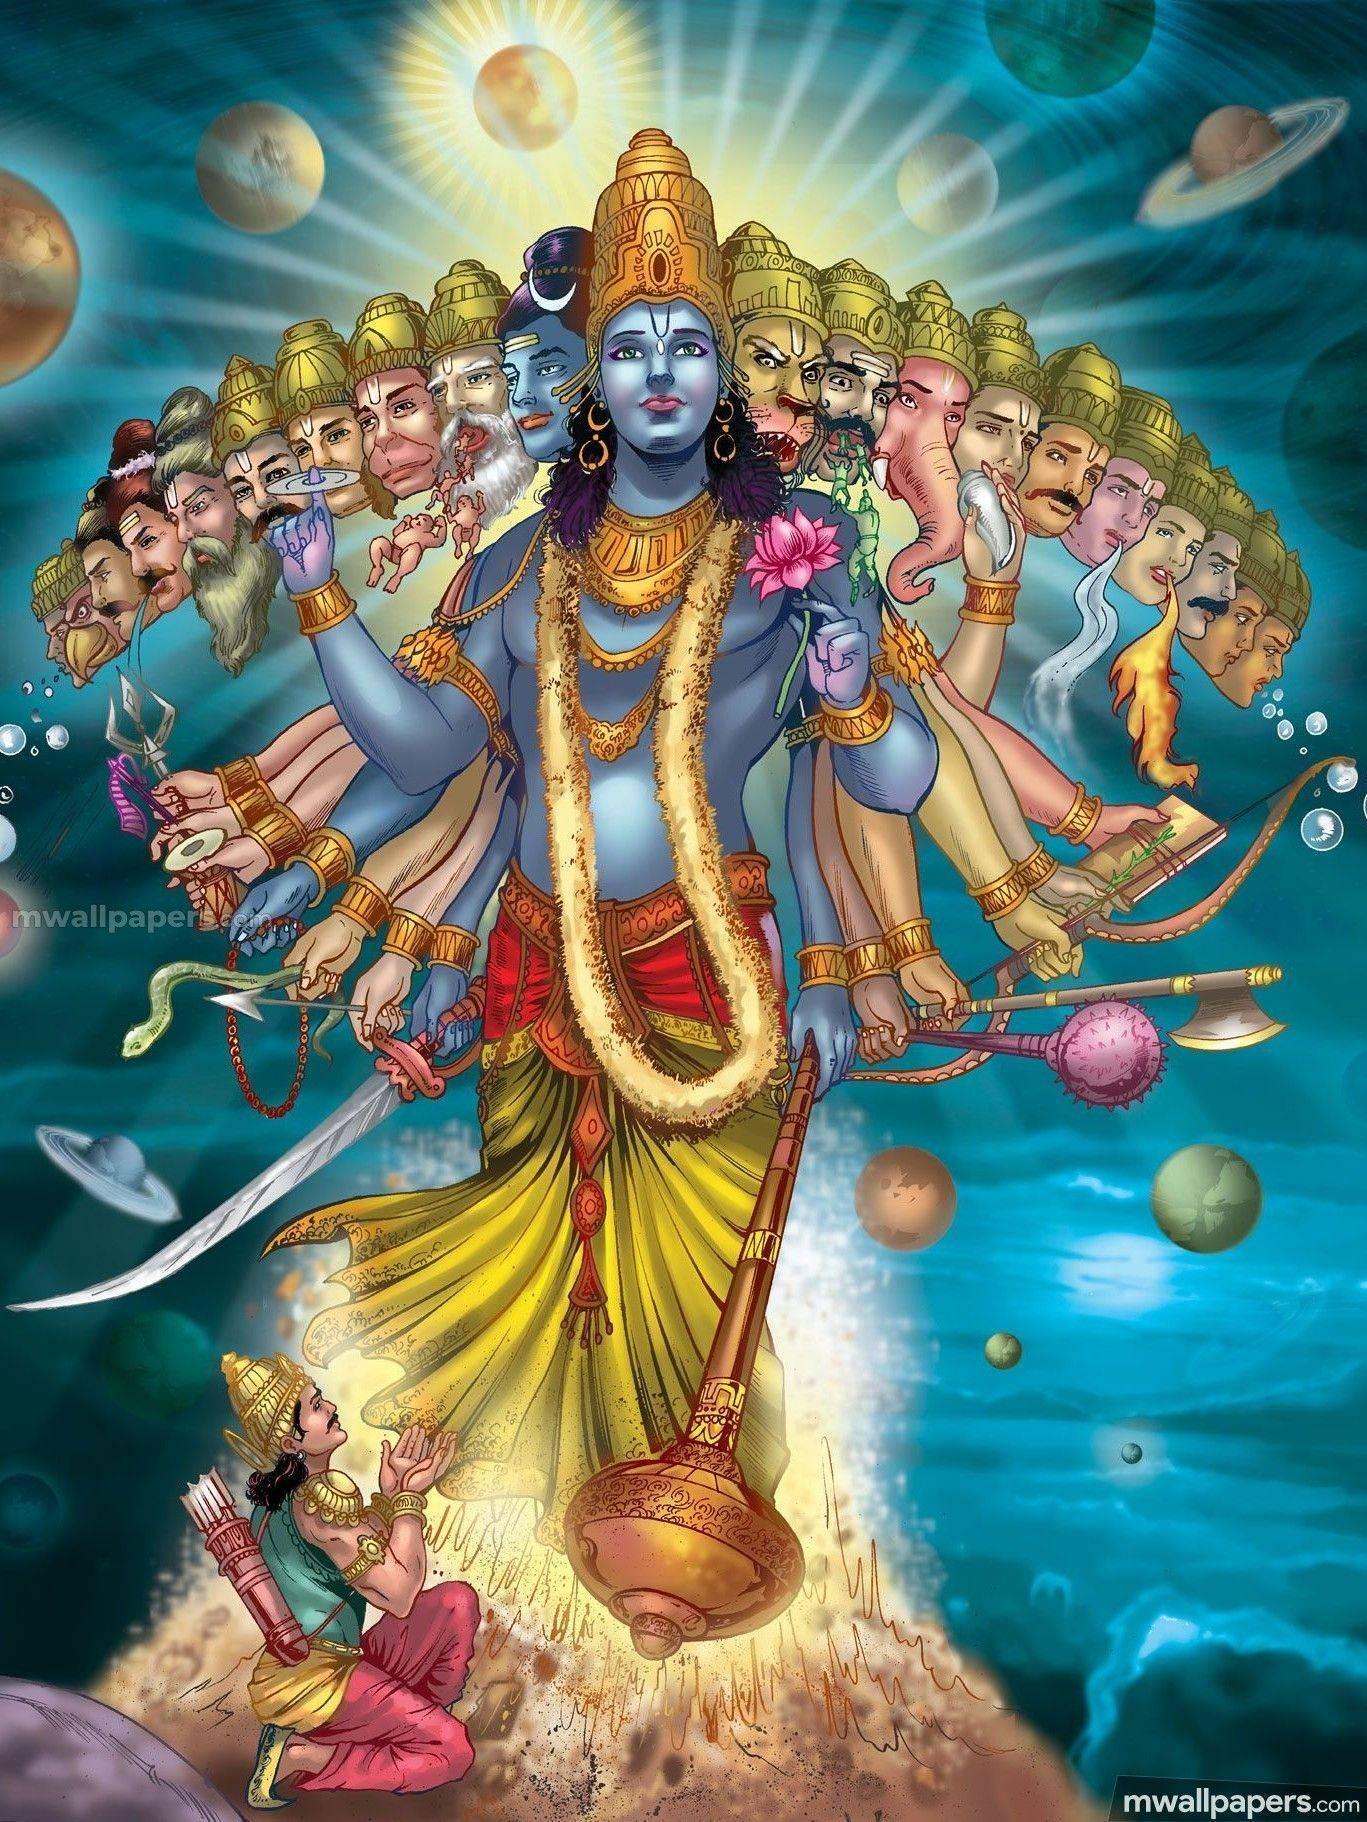 Бог рама(раама) в индуизме и его связь с крия(крийя) йогой